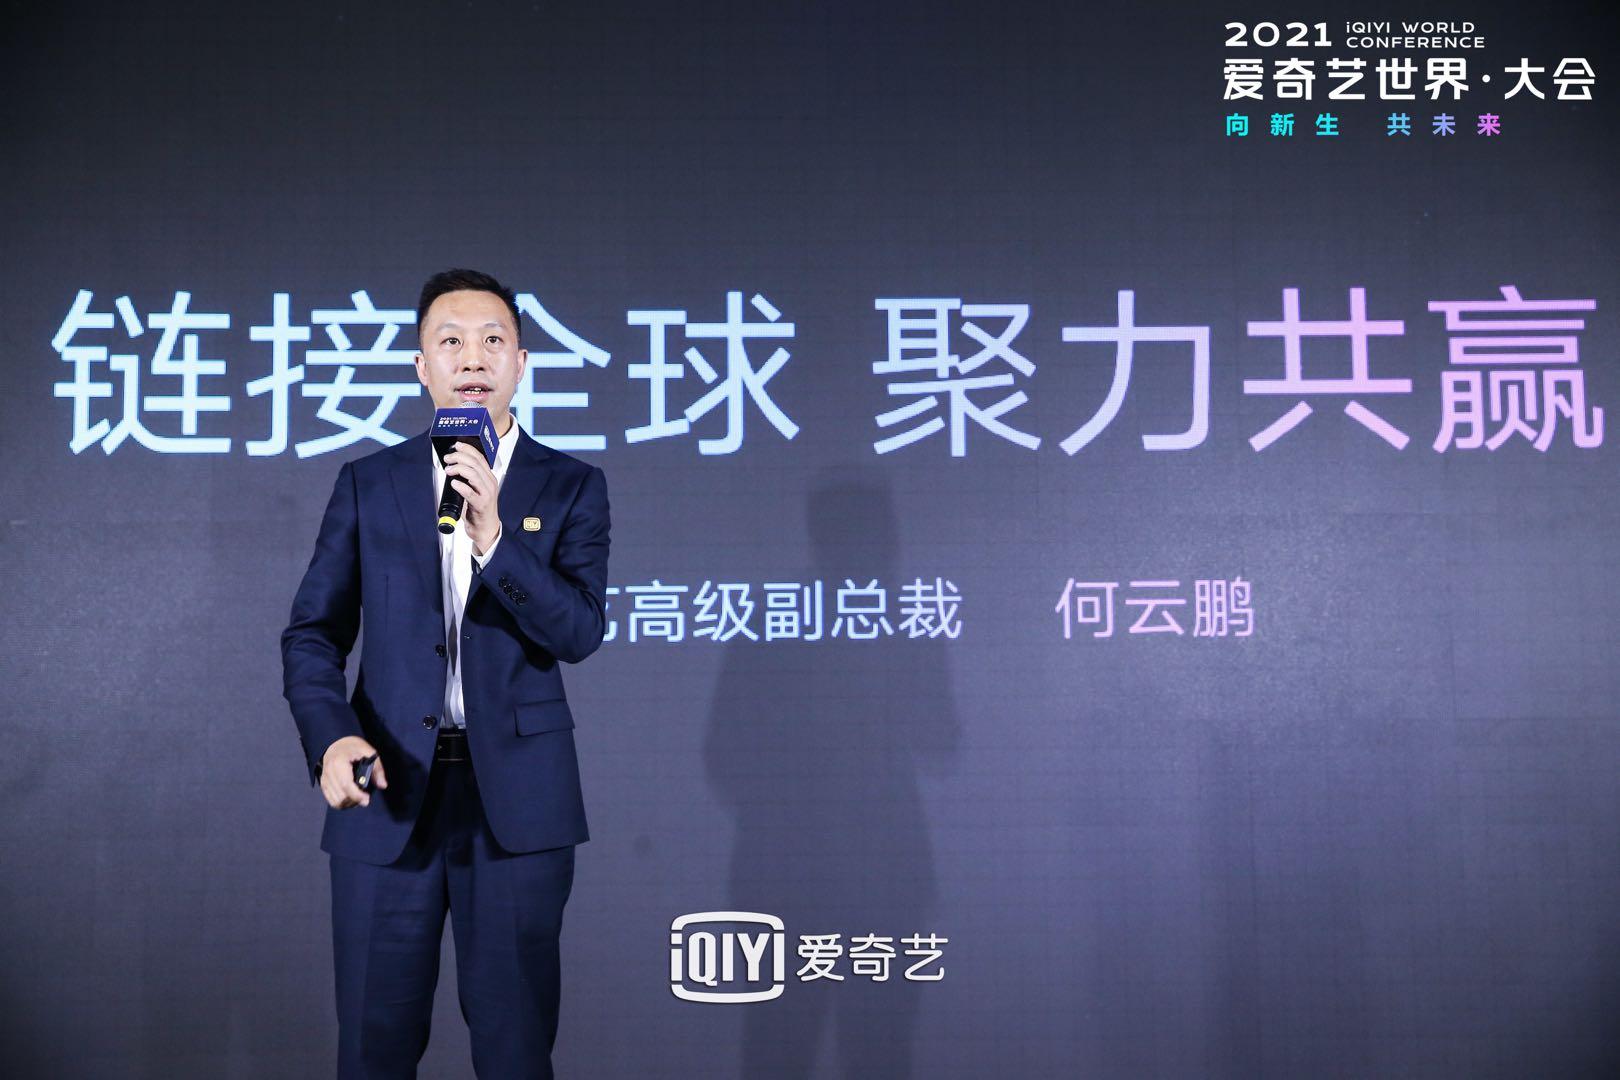 全球影游互动新生态论坛在沪举办 爱奇艺游戏与行业共启全球影游互动新纪元